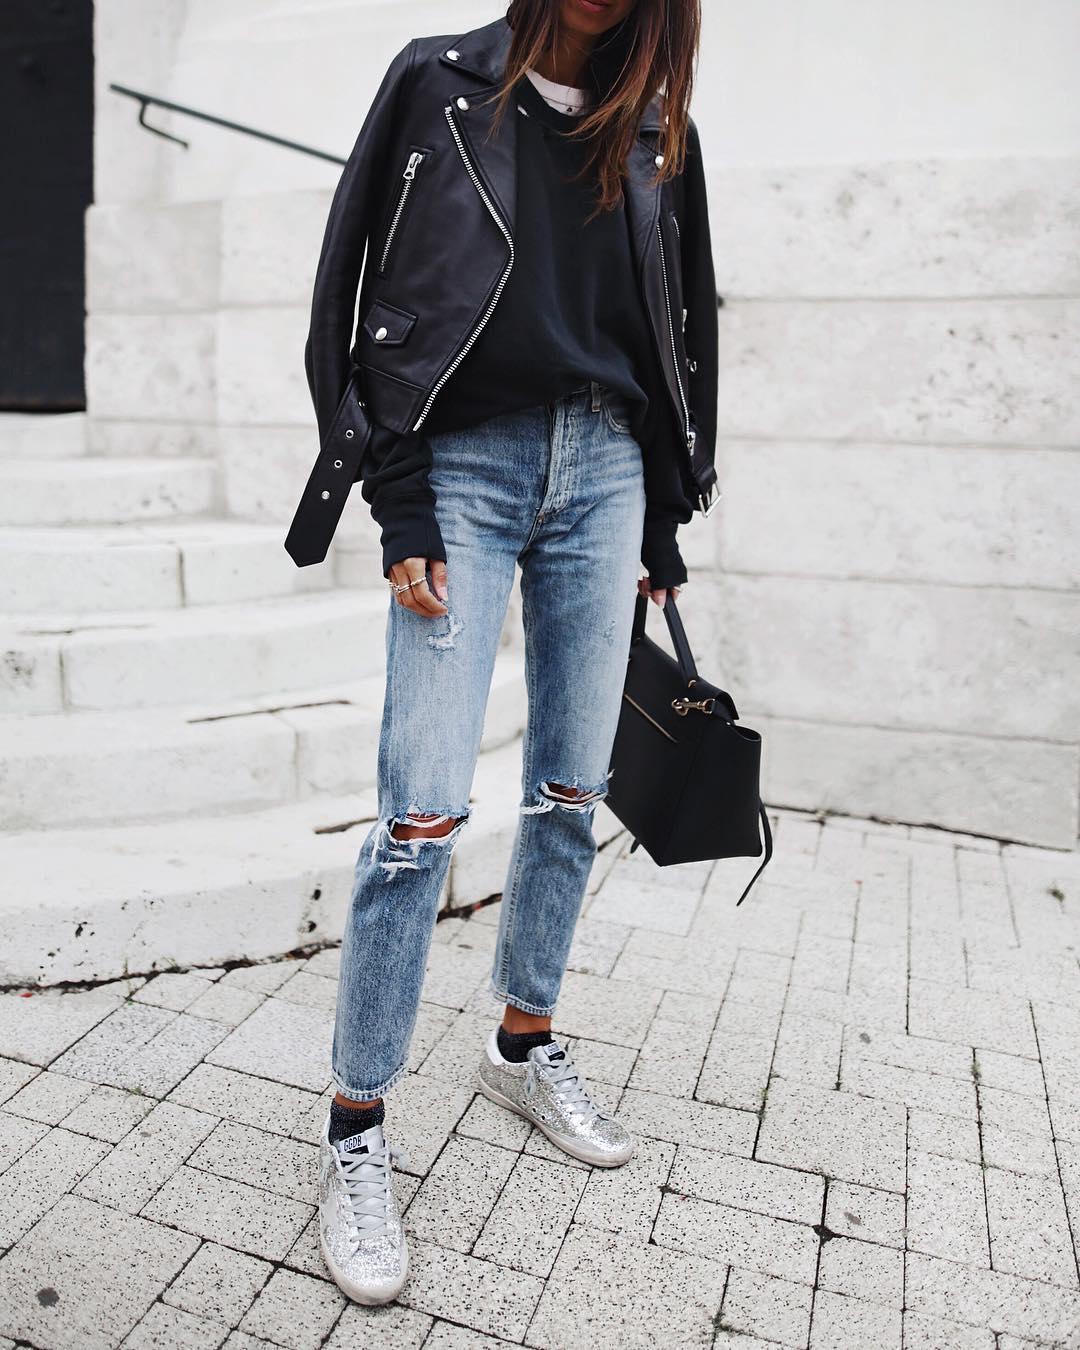 джинсы с кроссовками и кедами фото 7